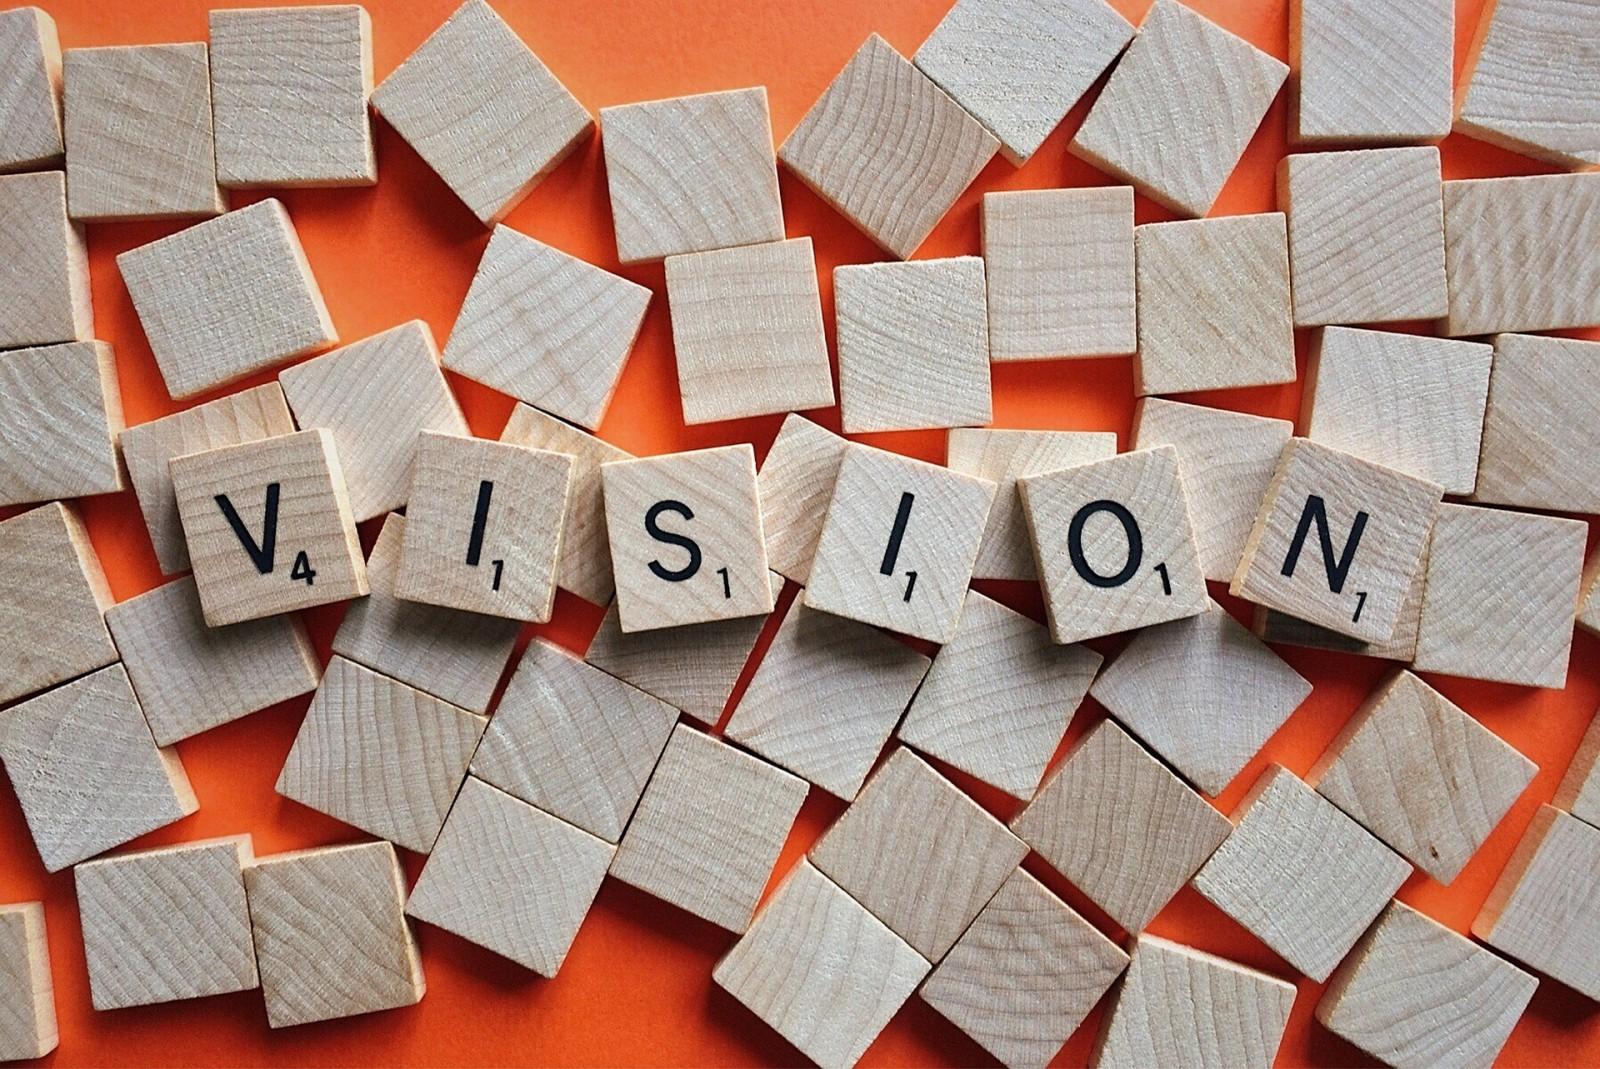 Co powinno być na początku? Czyli o misji firmy.